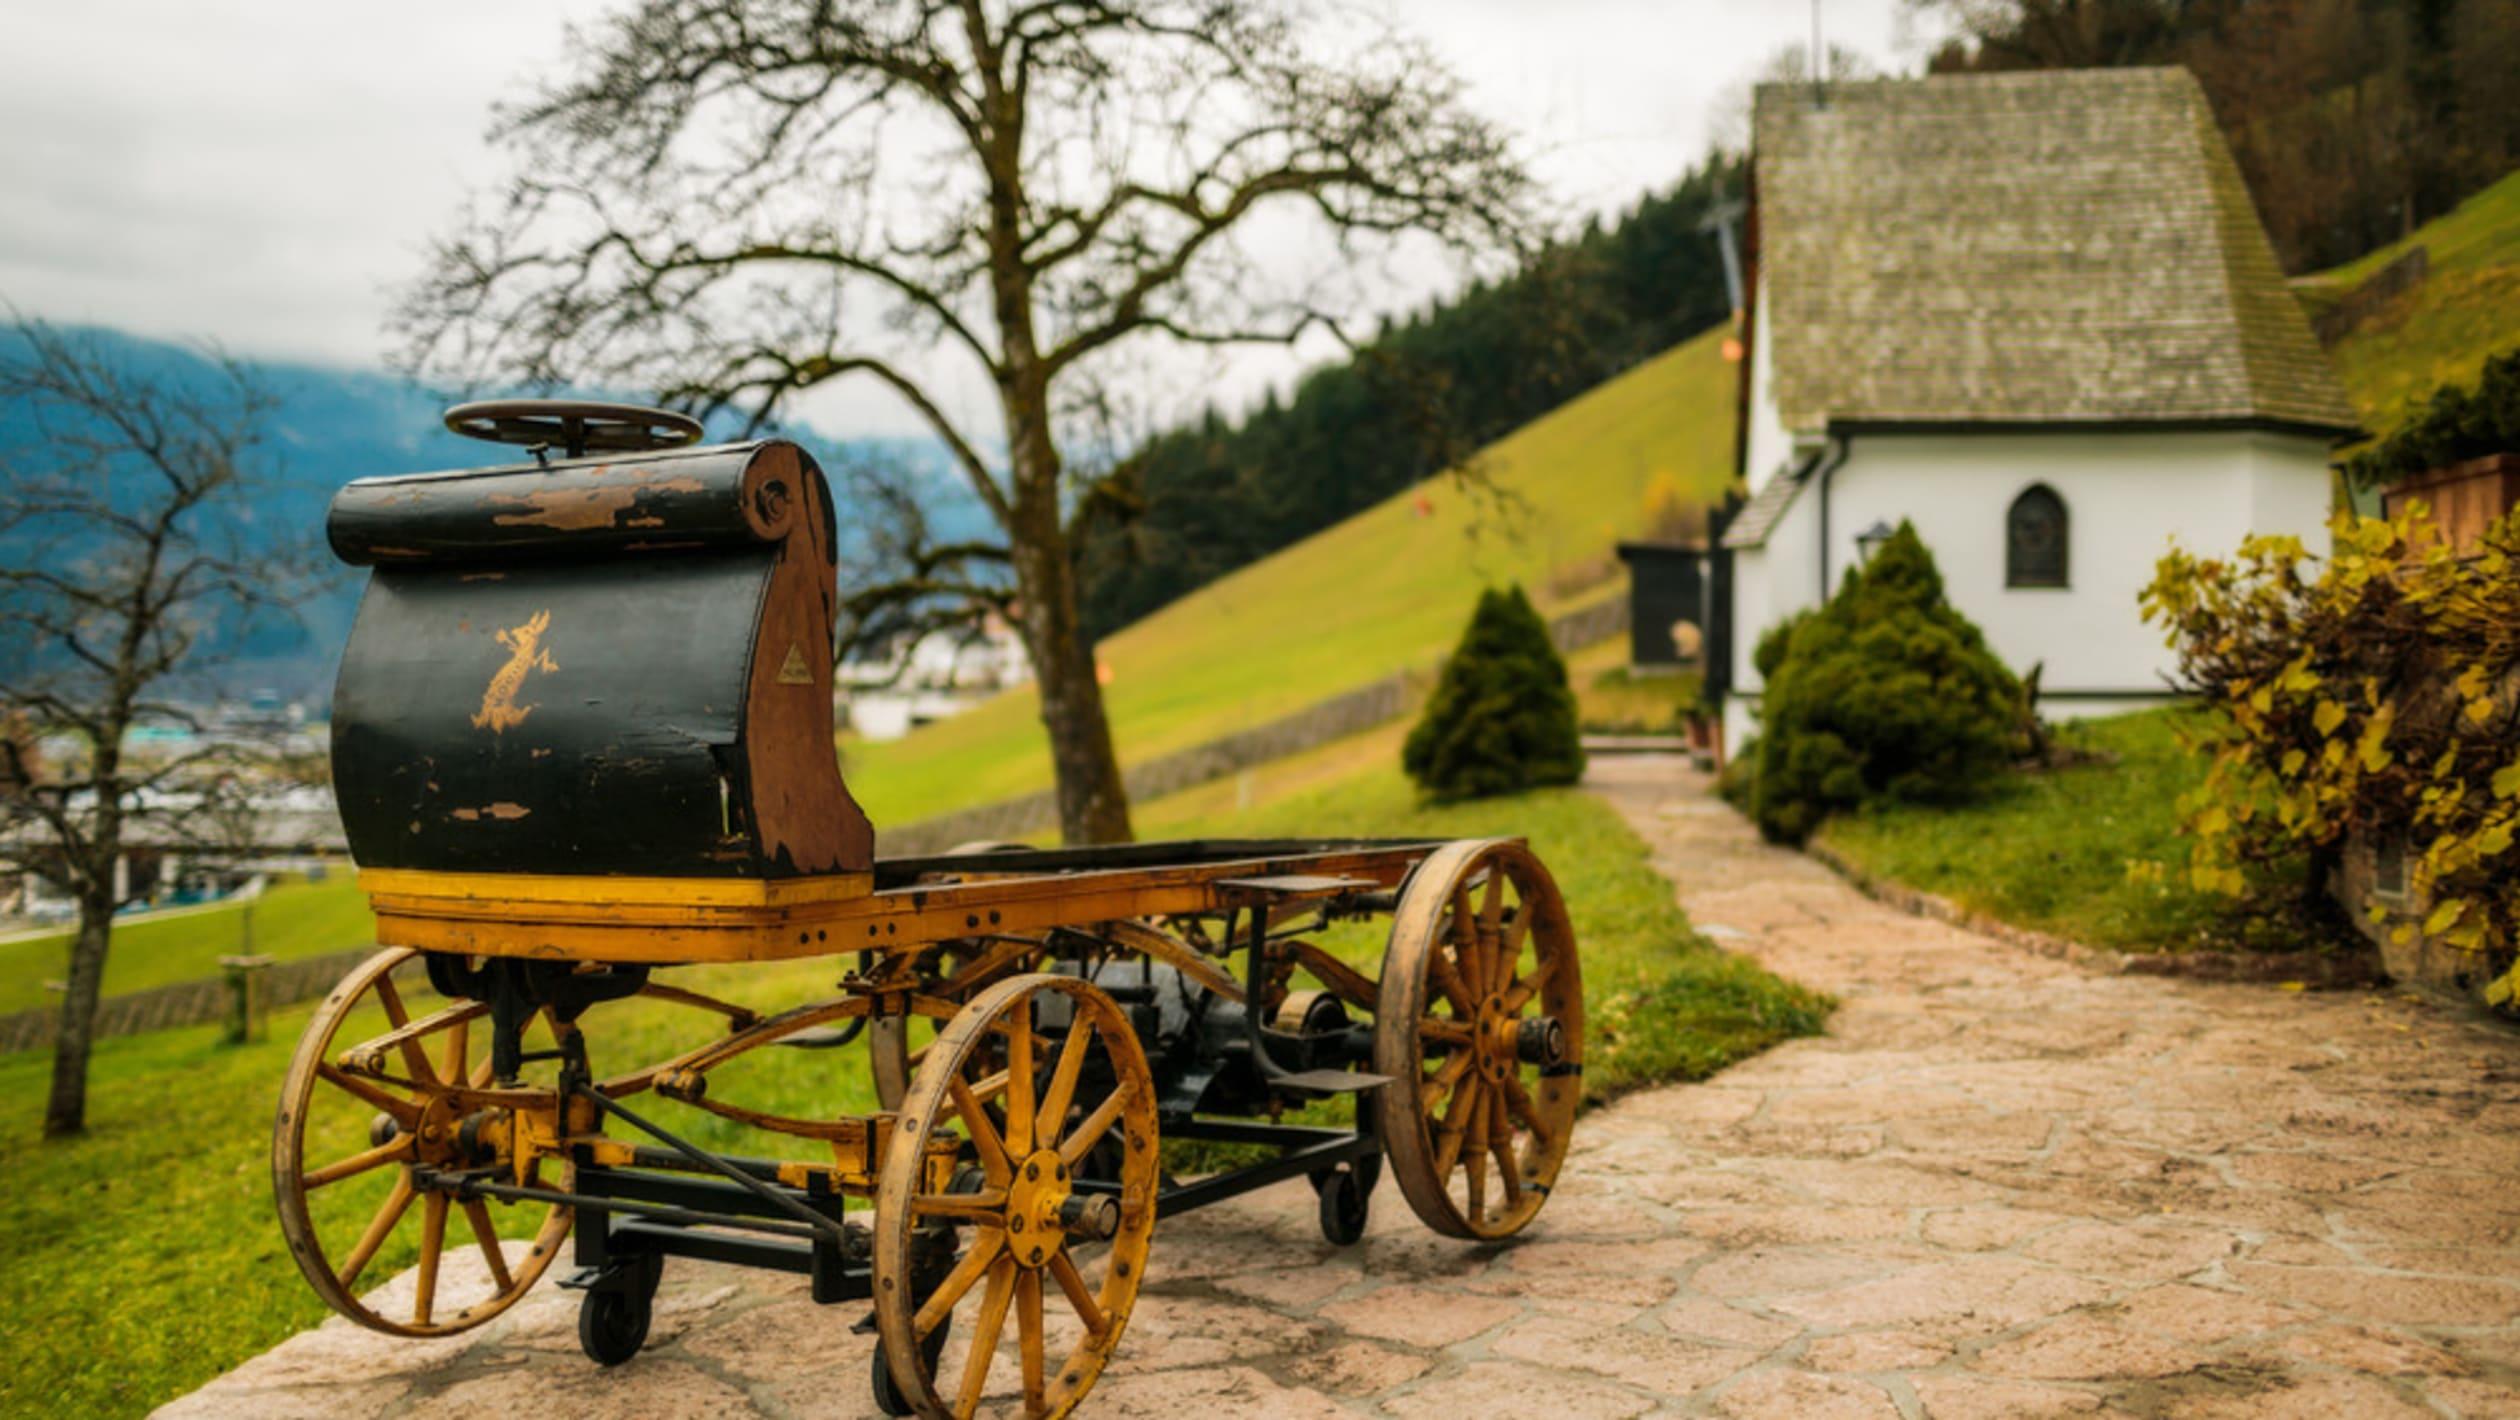 Chiếc ô tô điện đầu tiên ra đời như nào? - Ảnh 2.